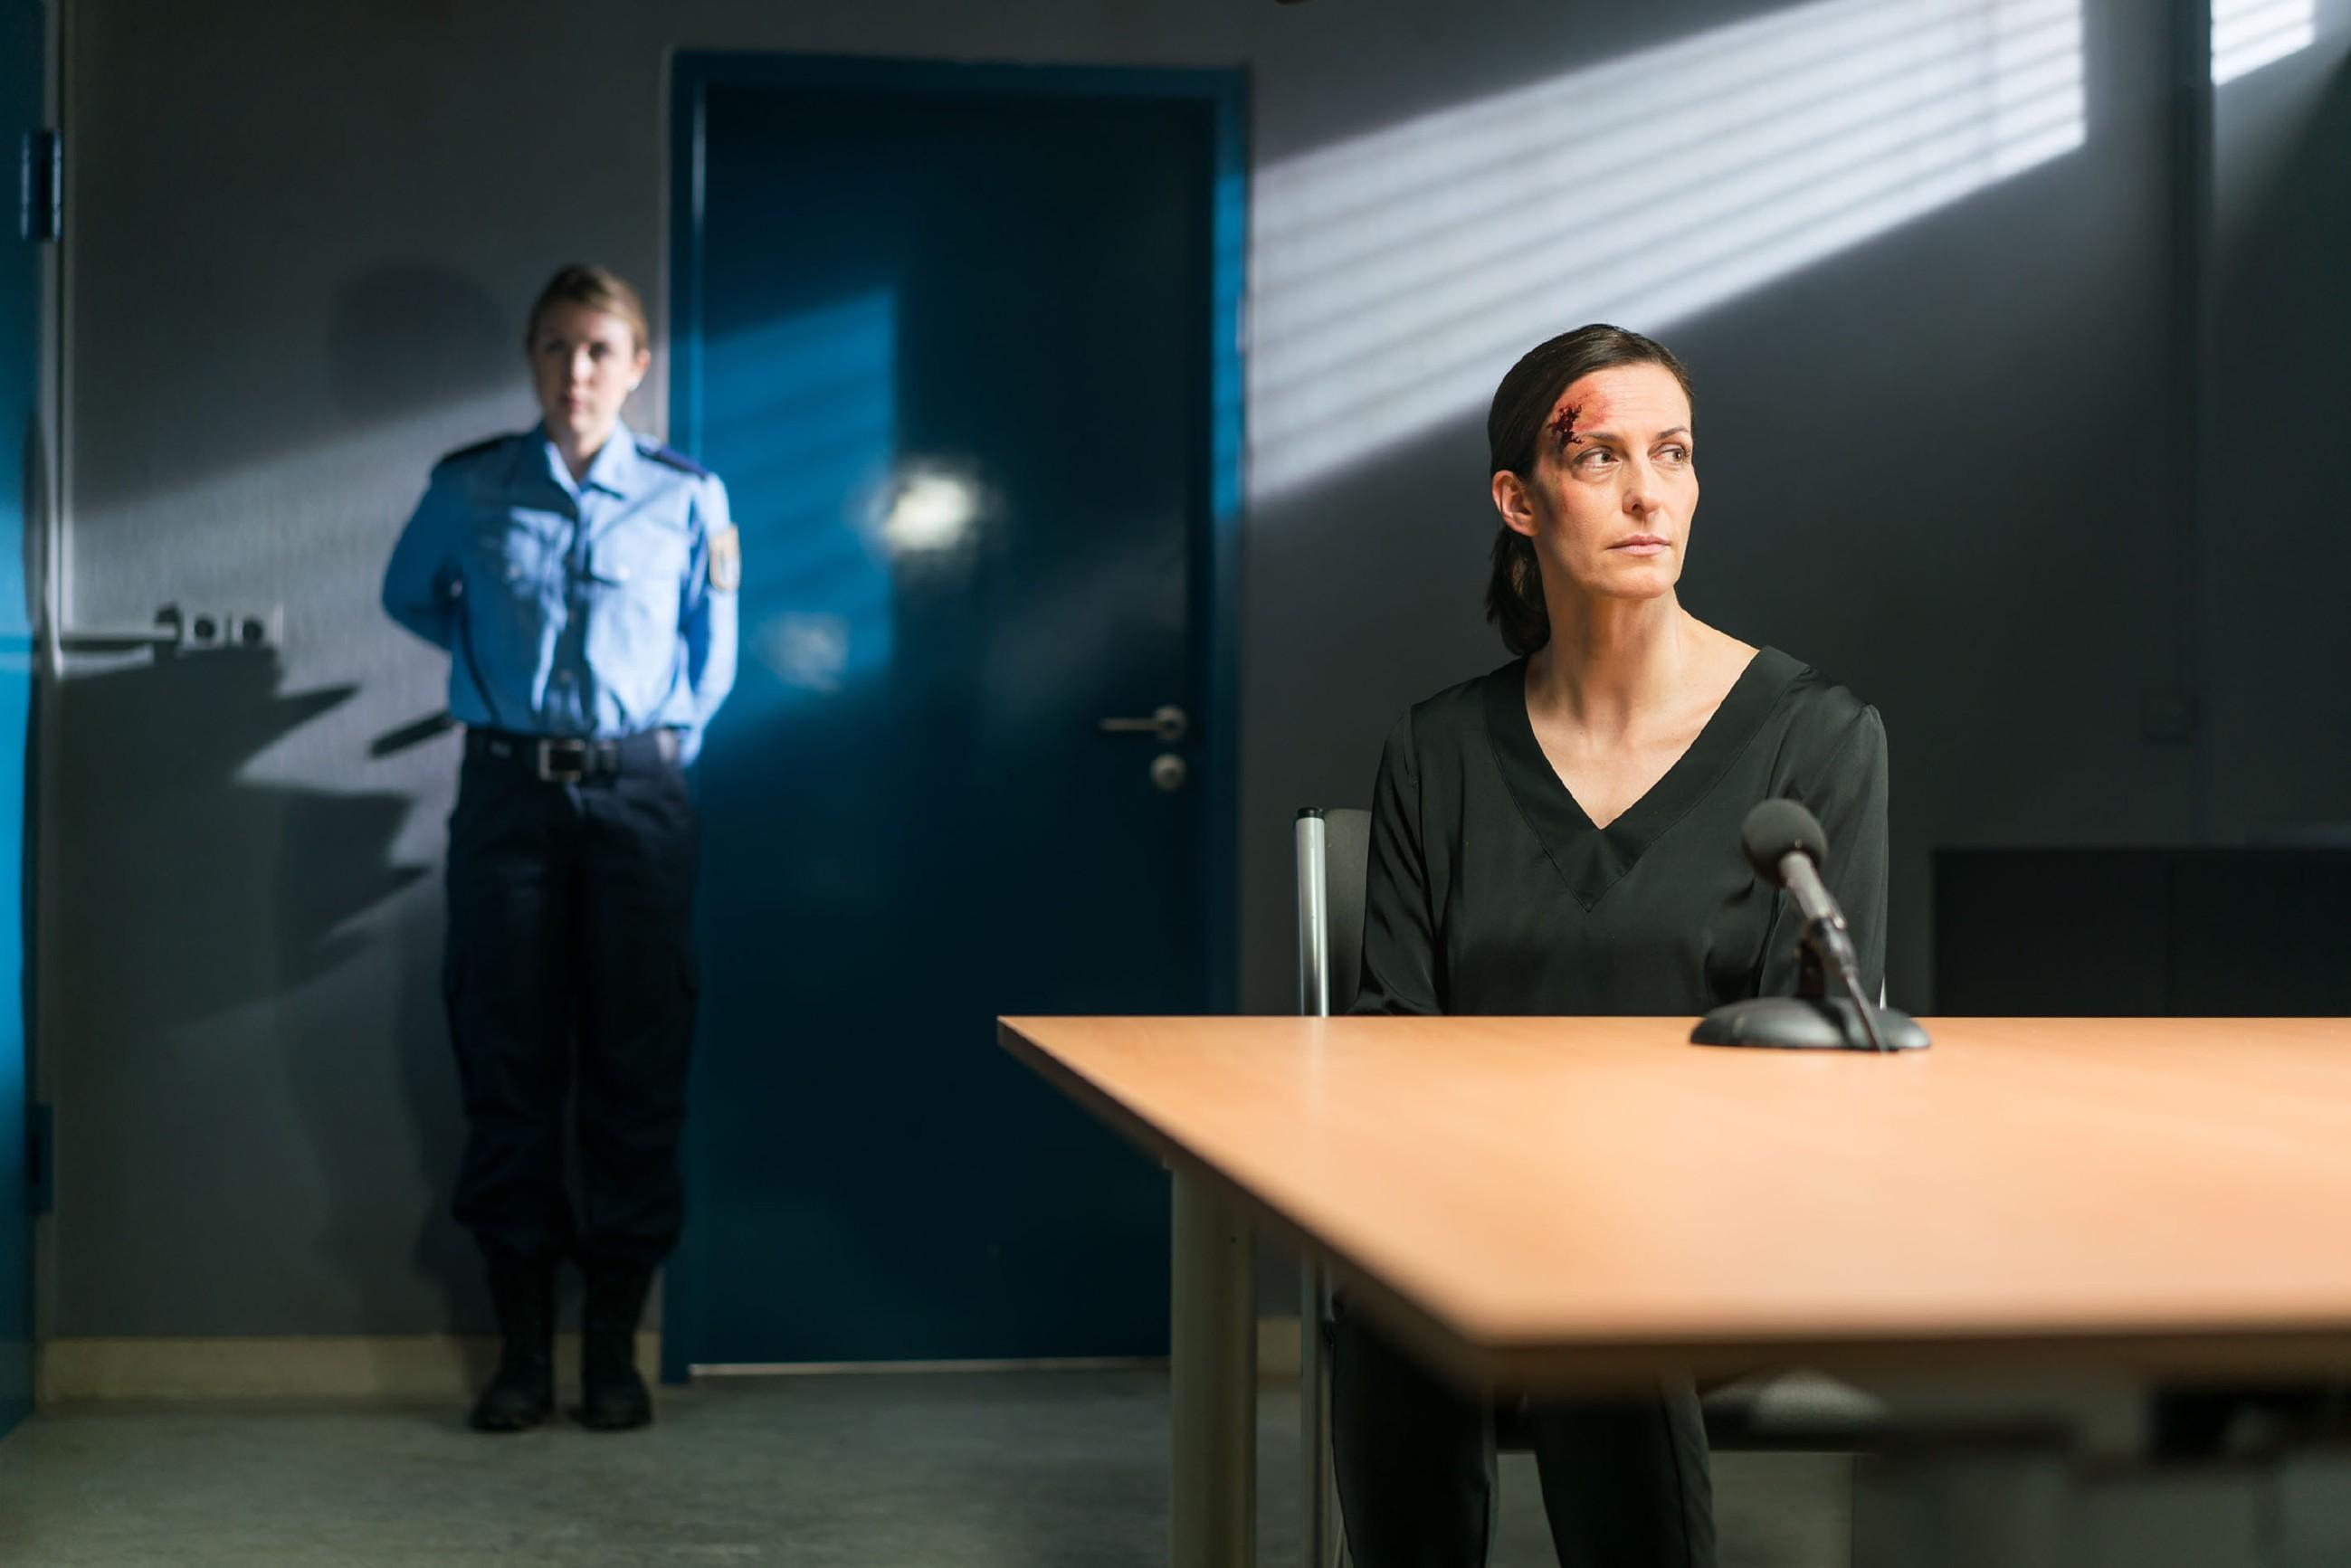 Katrin (Ulrike Frank, r.) muss geschockt erkennen, dass Maren Gerners Plan mit ihrem Geständnis durchkreuzt hat. (Quelle: RTL / Sebastian Geyer)